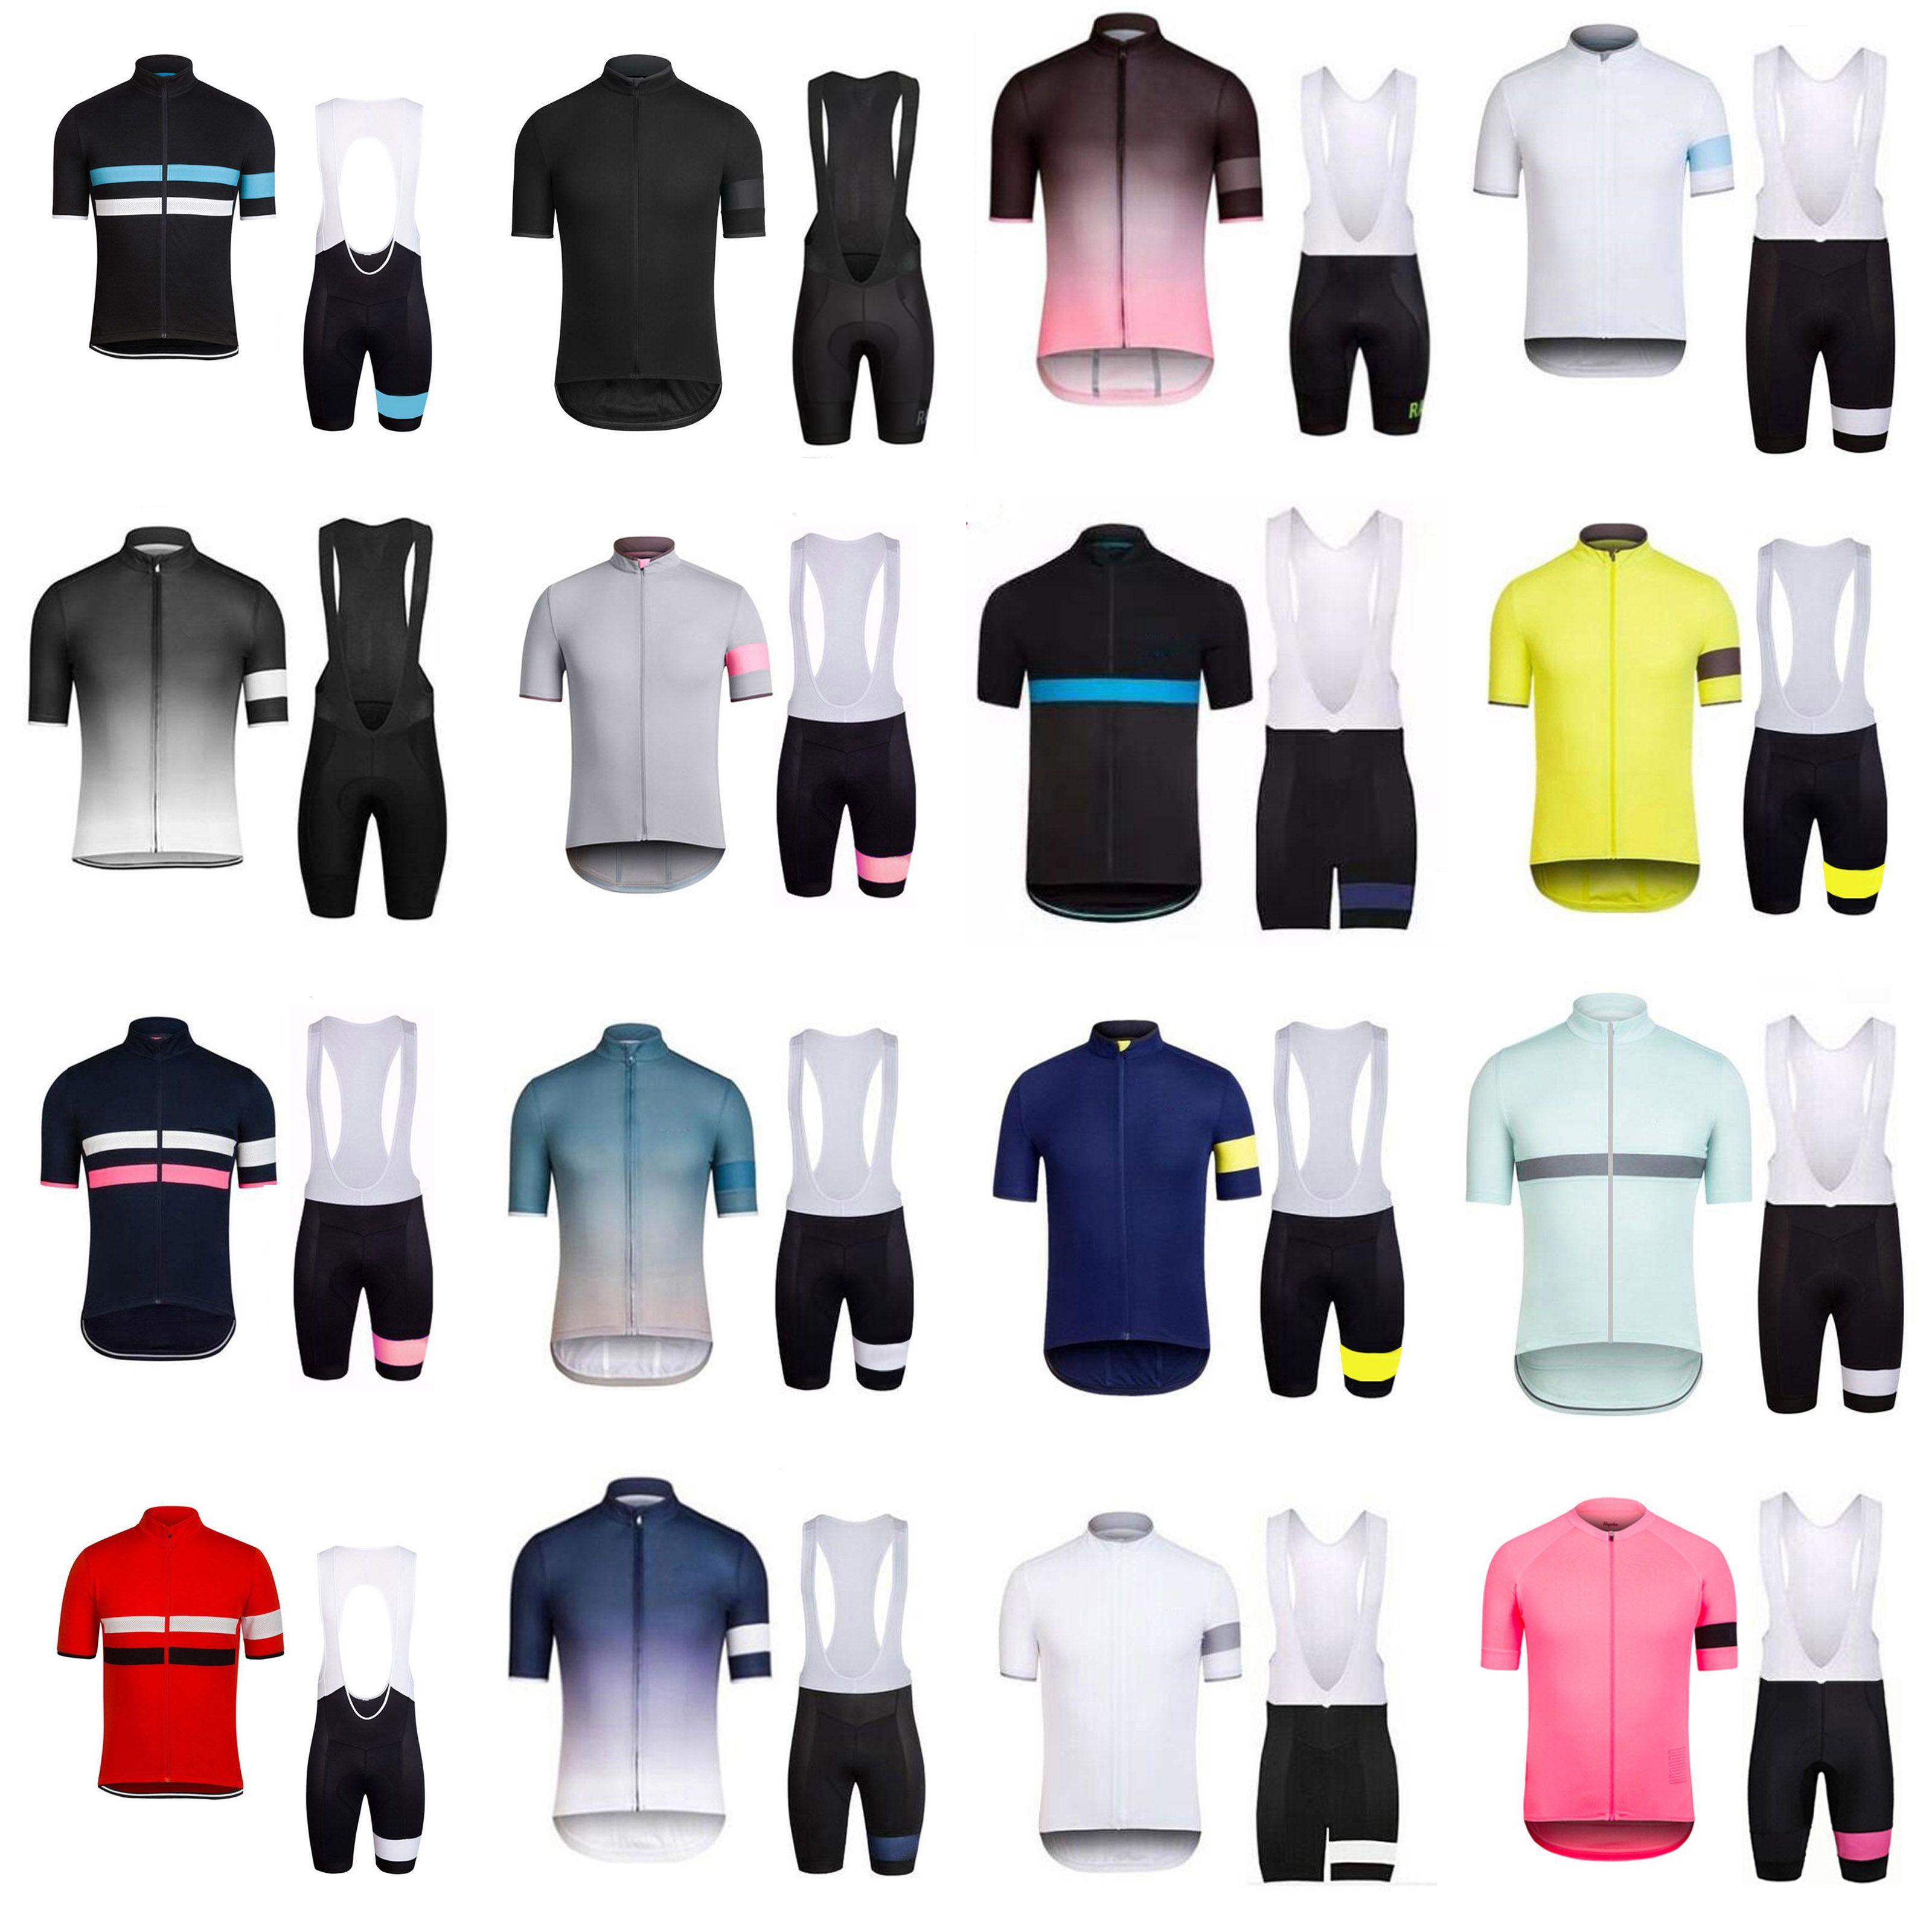 Rapha فريق الدراجات قصيرة الأكمام جيرسي (مريلة) السراويل مجموعات سباق الملابس الرياضية دراجة الدراجات تنفس الملابس E0550